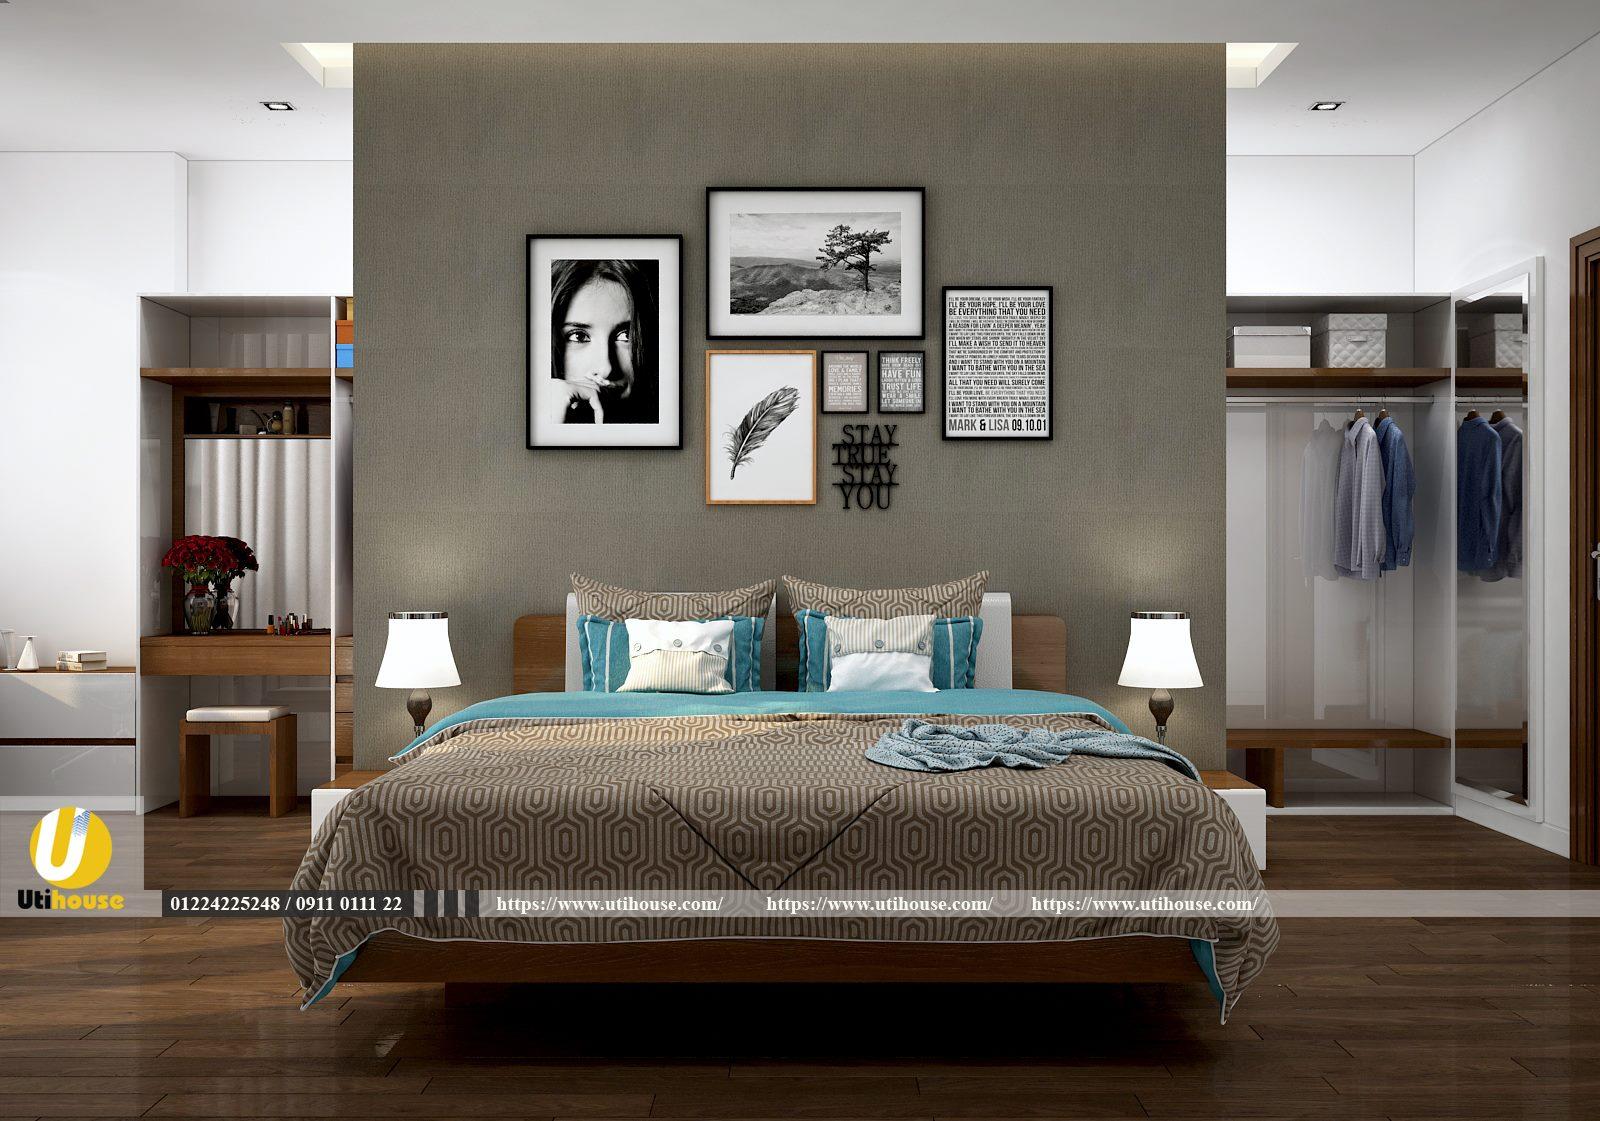 Một số kinh nghiệm chọn màu sơn cho phòng ngủ hiện đại